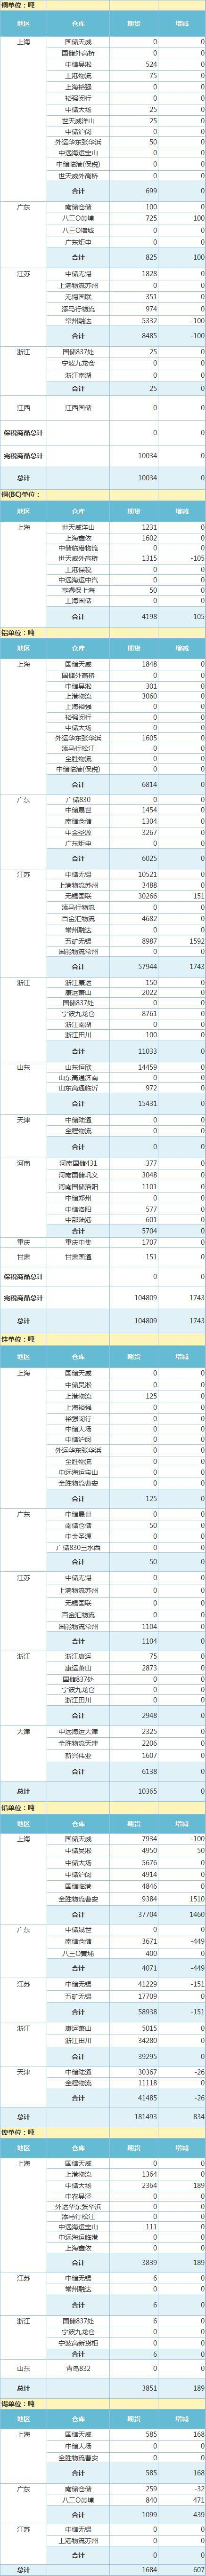 10月12日上海期 货交 易所金属库存日报